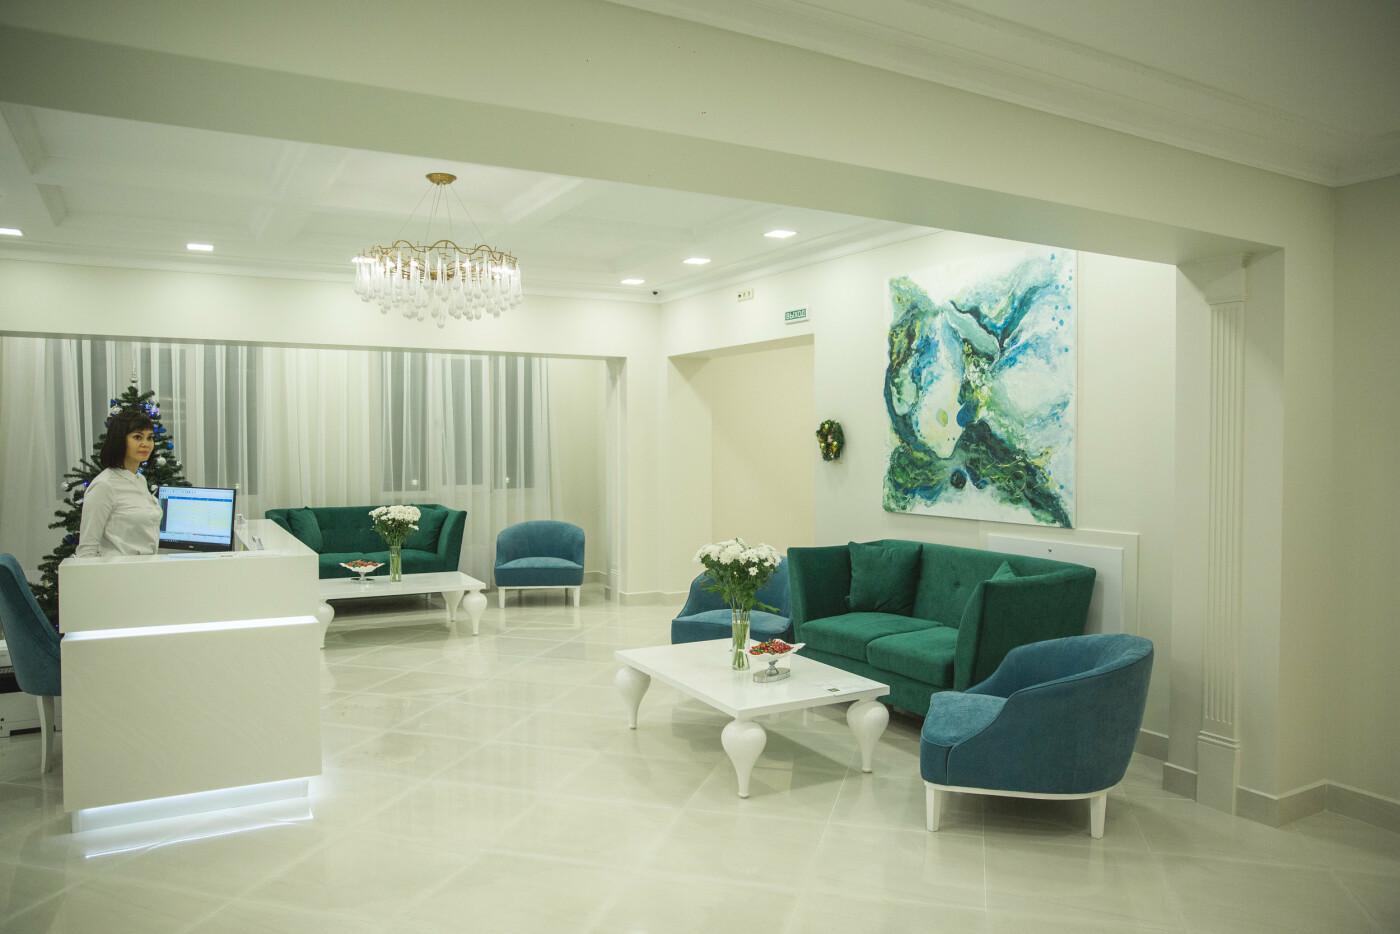 Новая гостиница открылась на Камчатке, фото-3